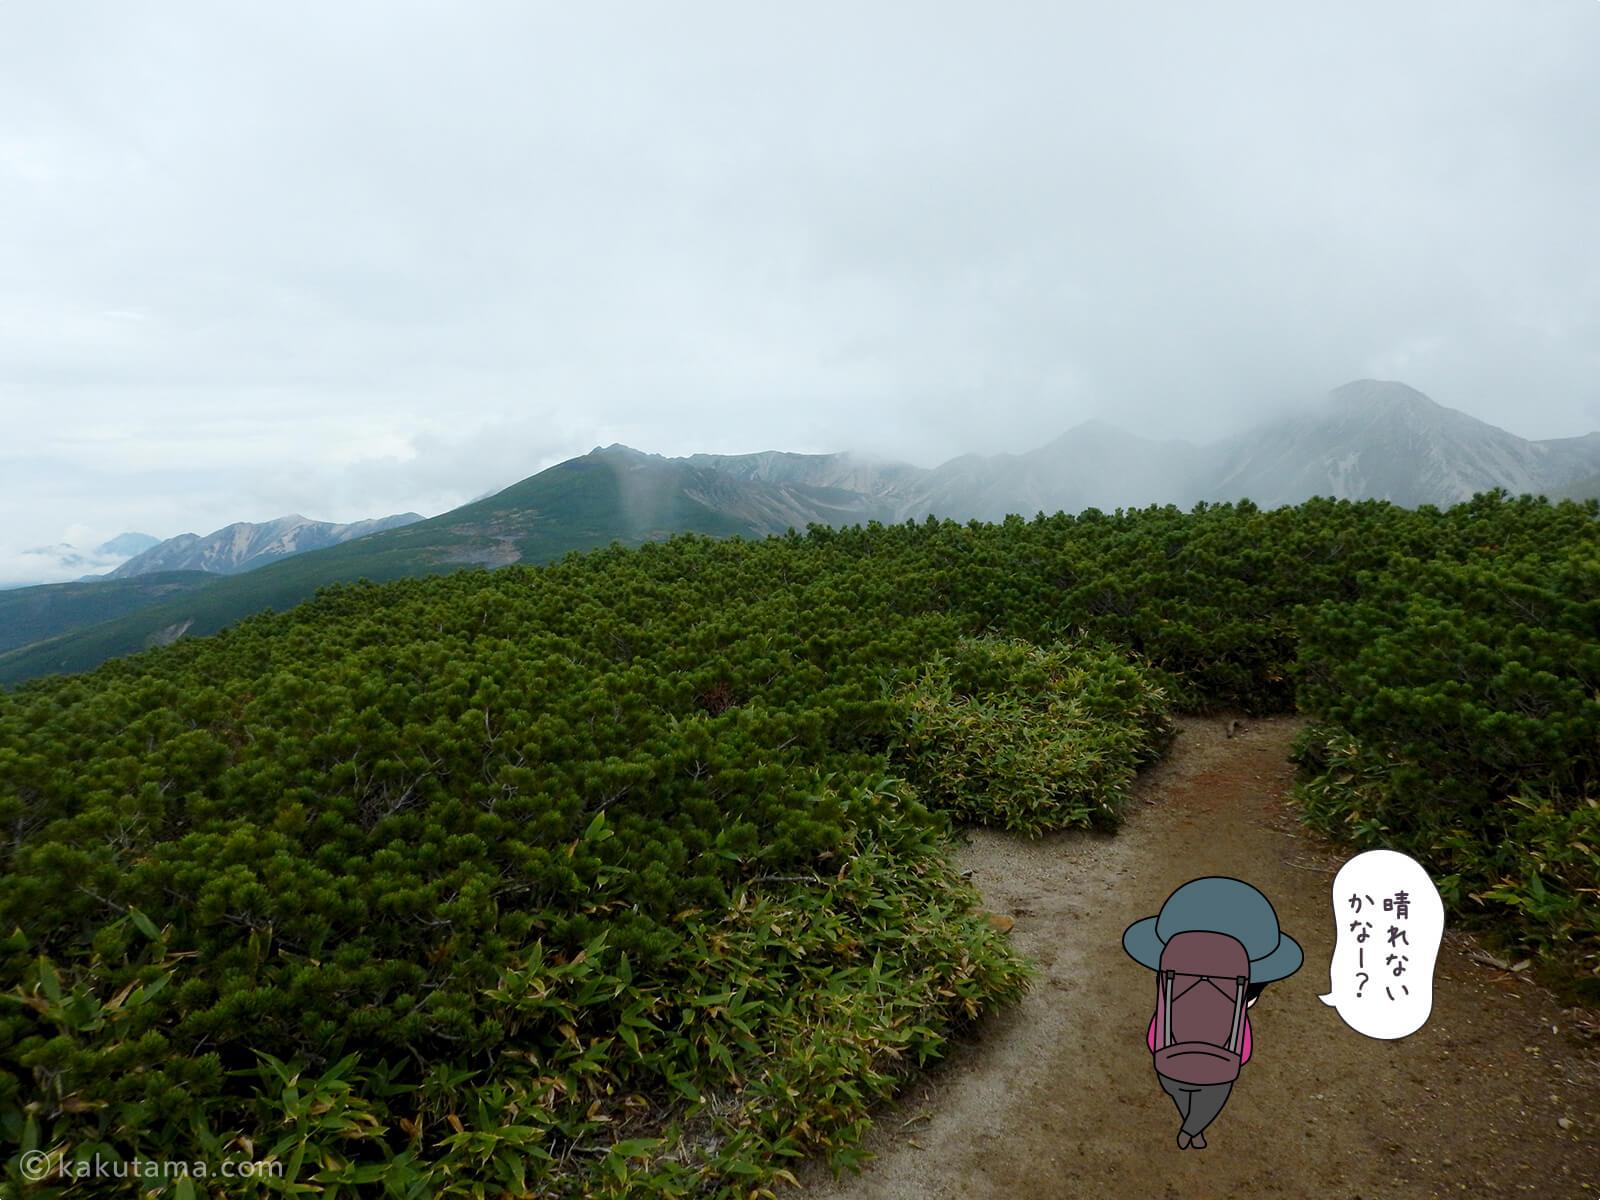 ハイマツの間から山が見える